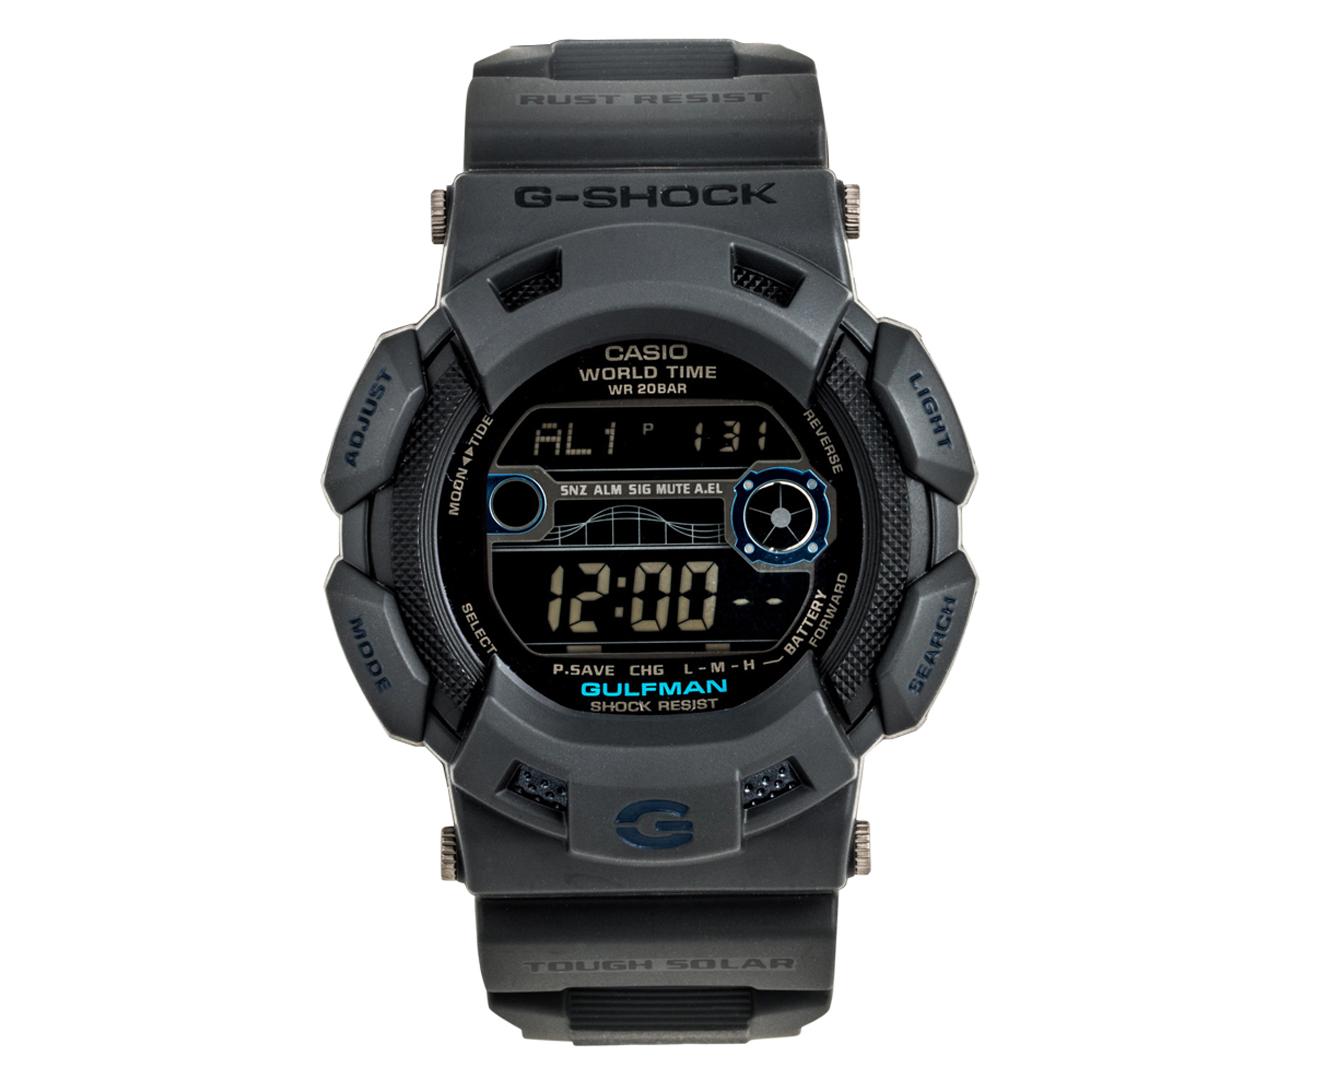 Best Casio g Shock Watch 2015 Casio G-shock Gr-9110 Watch